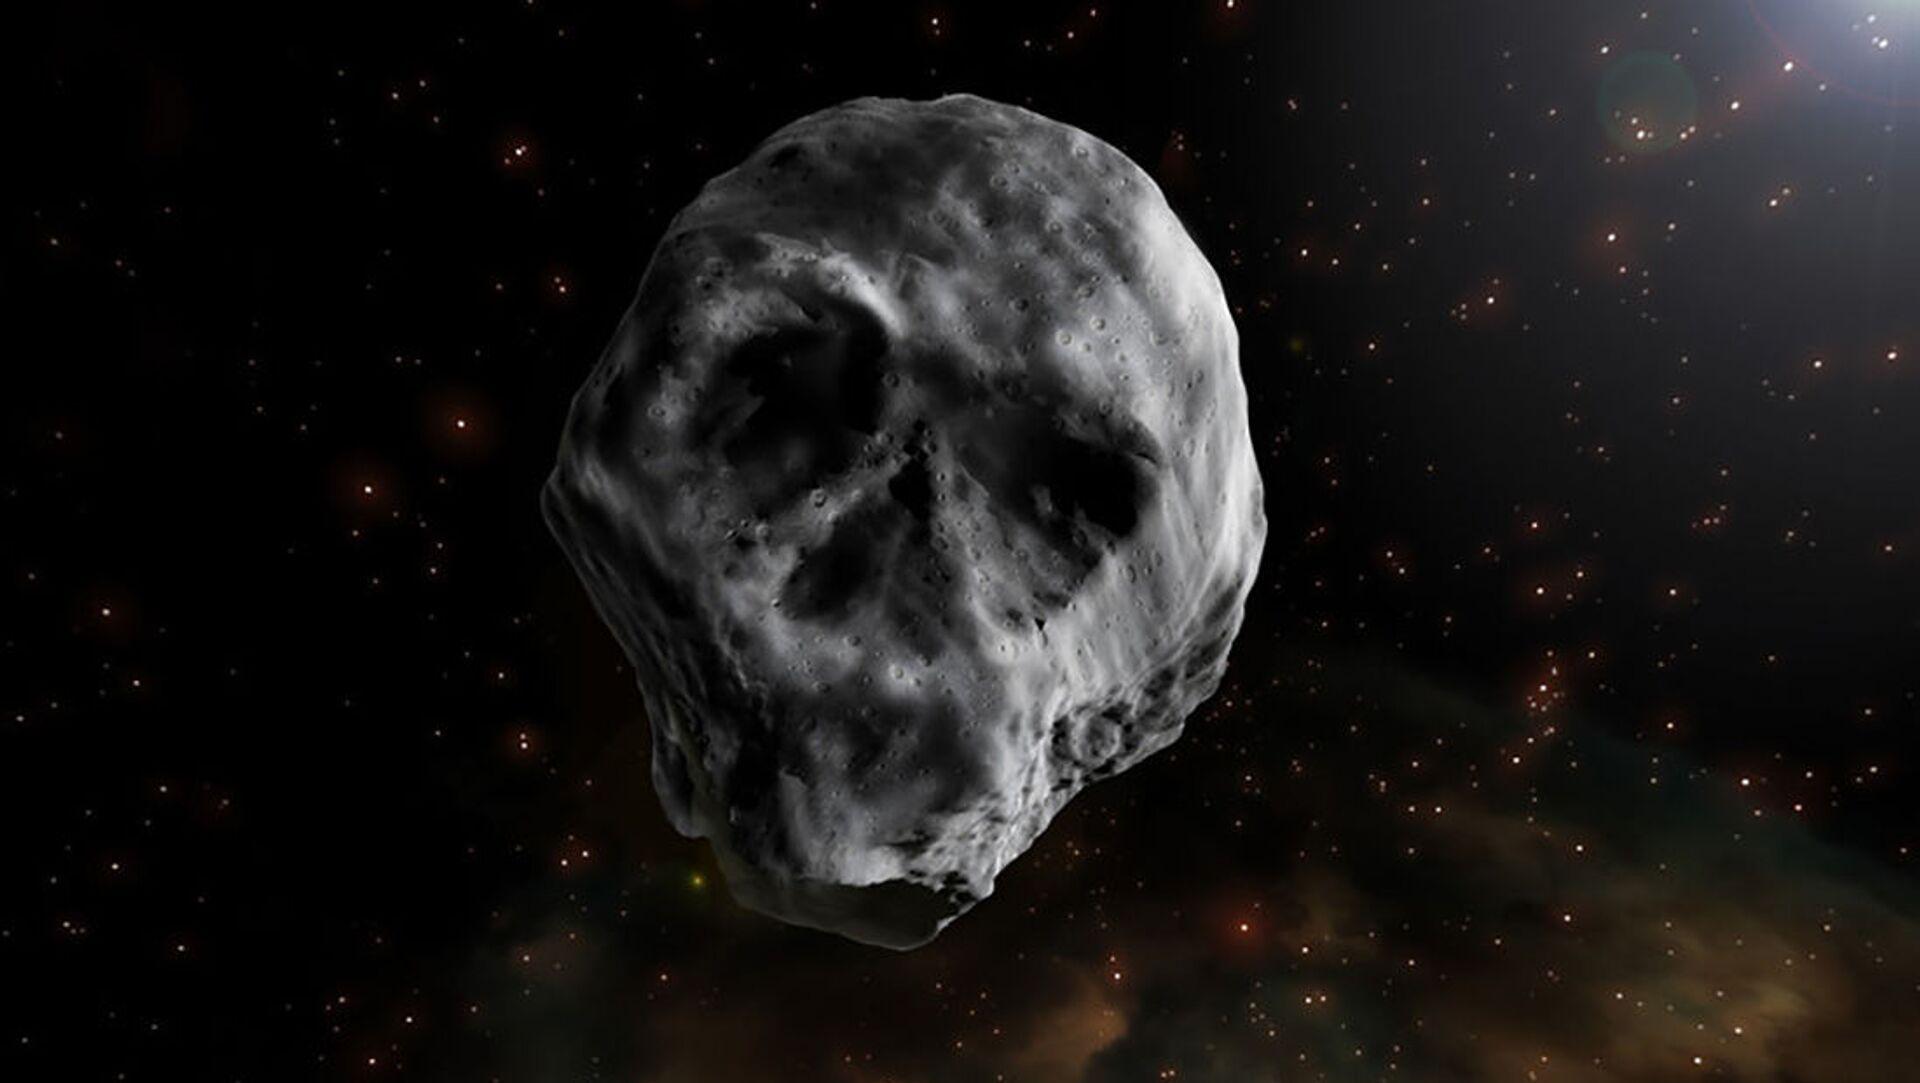 L'asteroide di Halloween a forma di teschio - Sputnik Italia, 1920, 16.03.2021